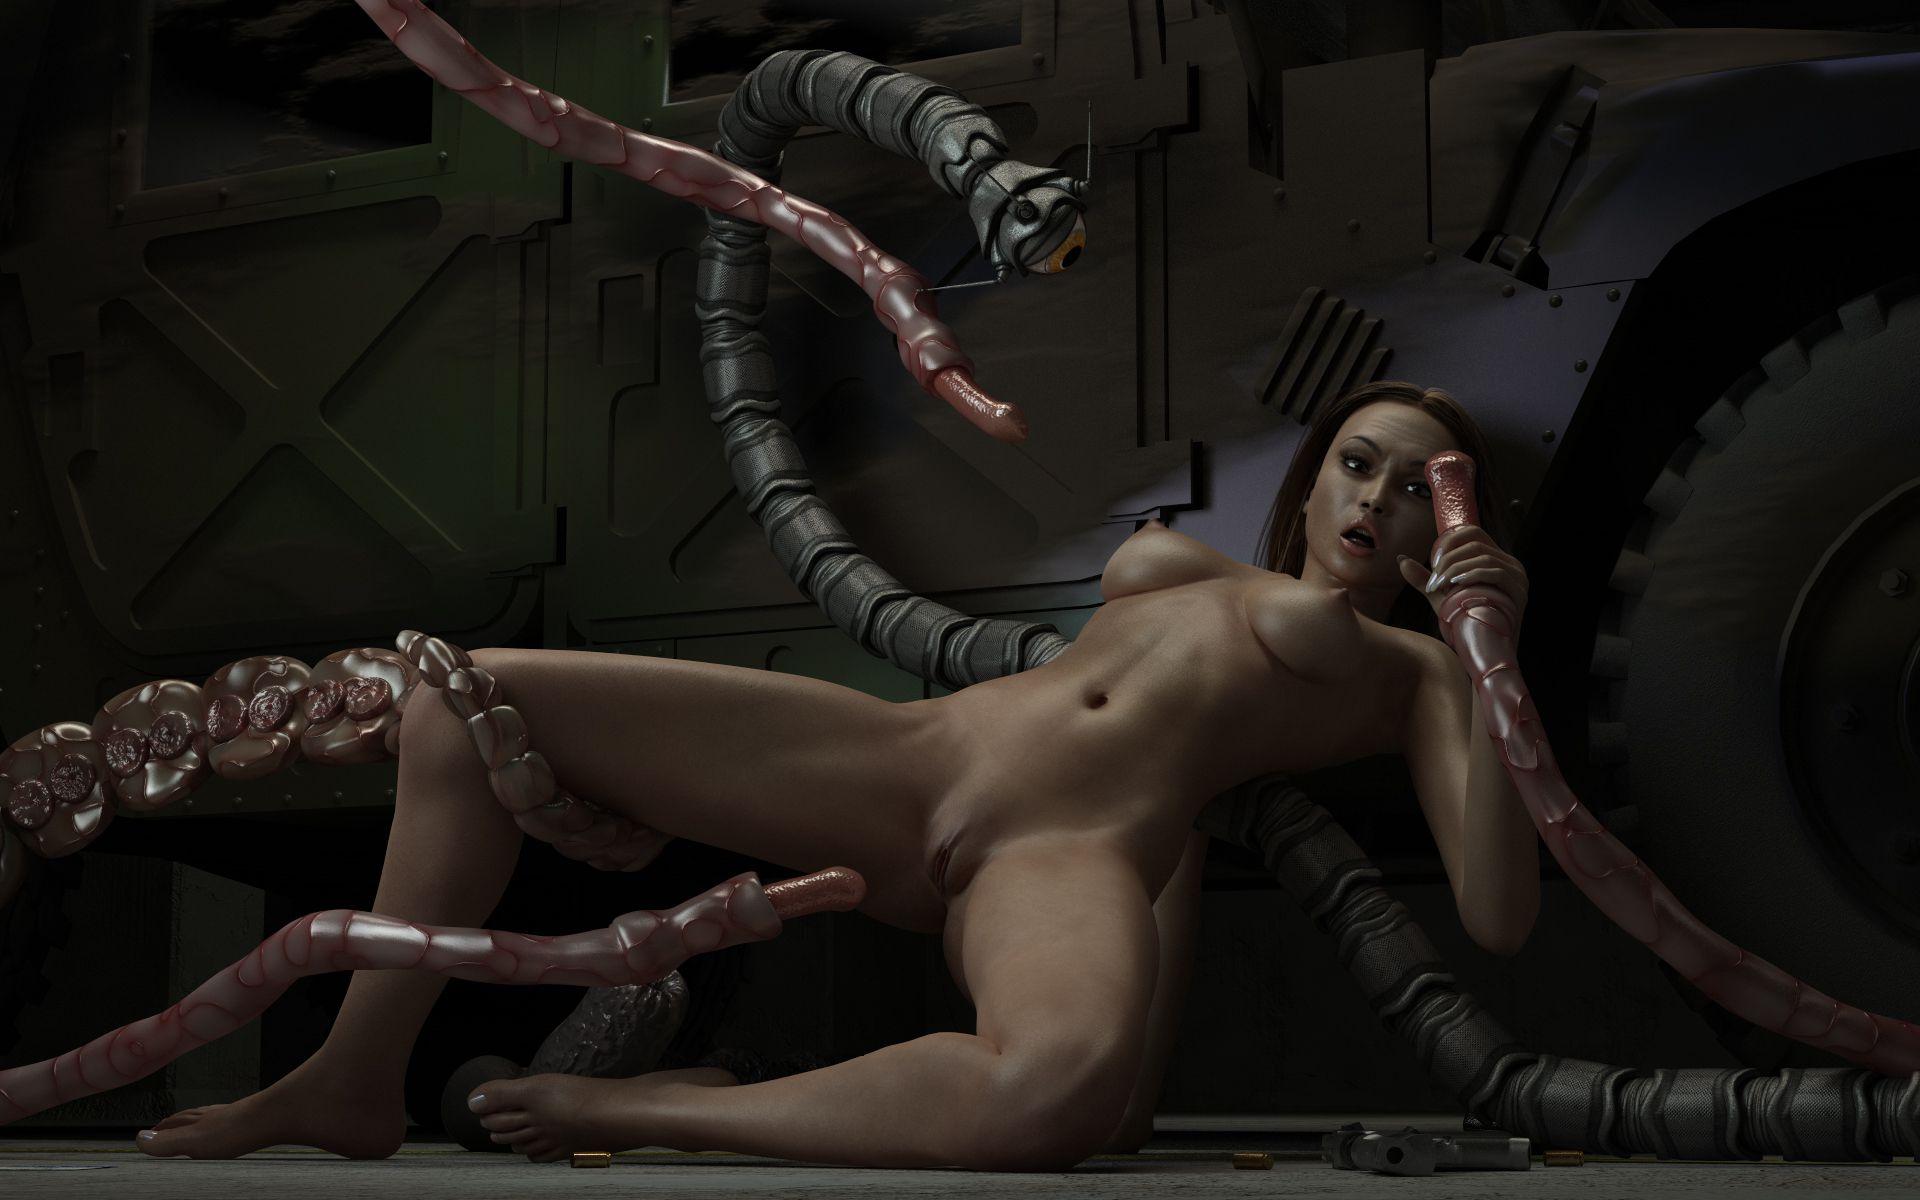 Смотреть онлайн бесплатно ужасное порно, Страшные порно ужасы 24 фотография